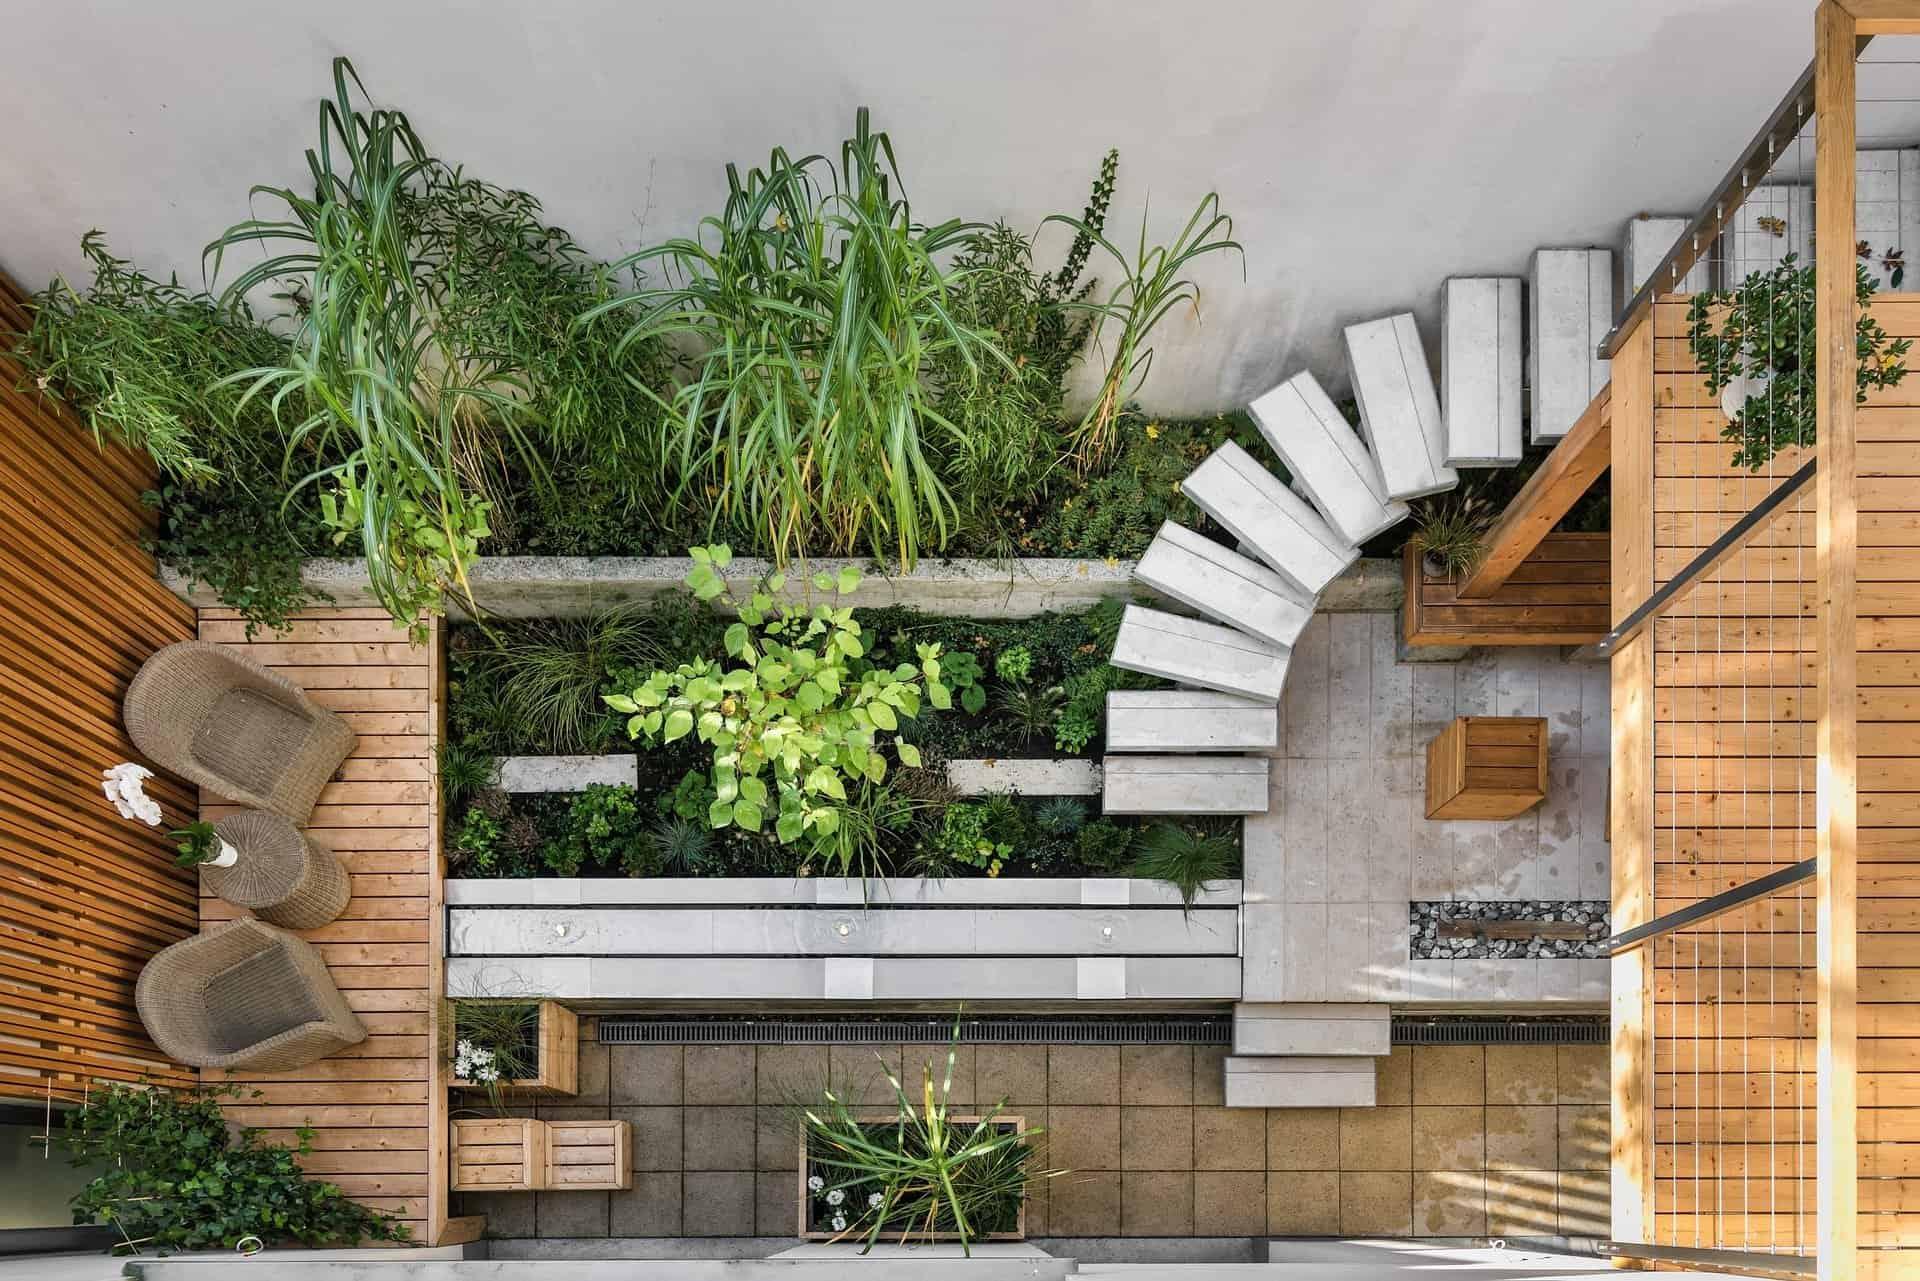 giardino legno casa passiva